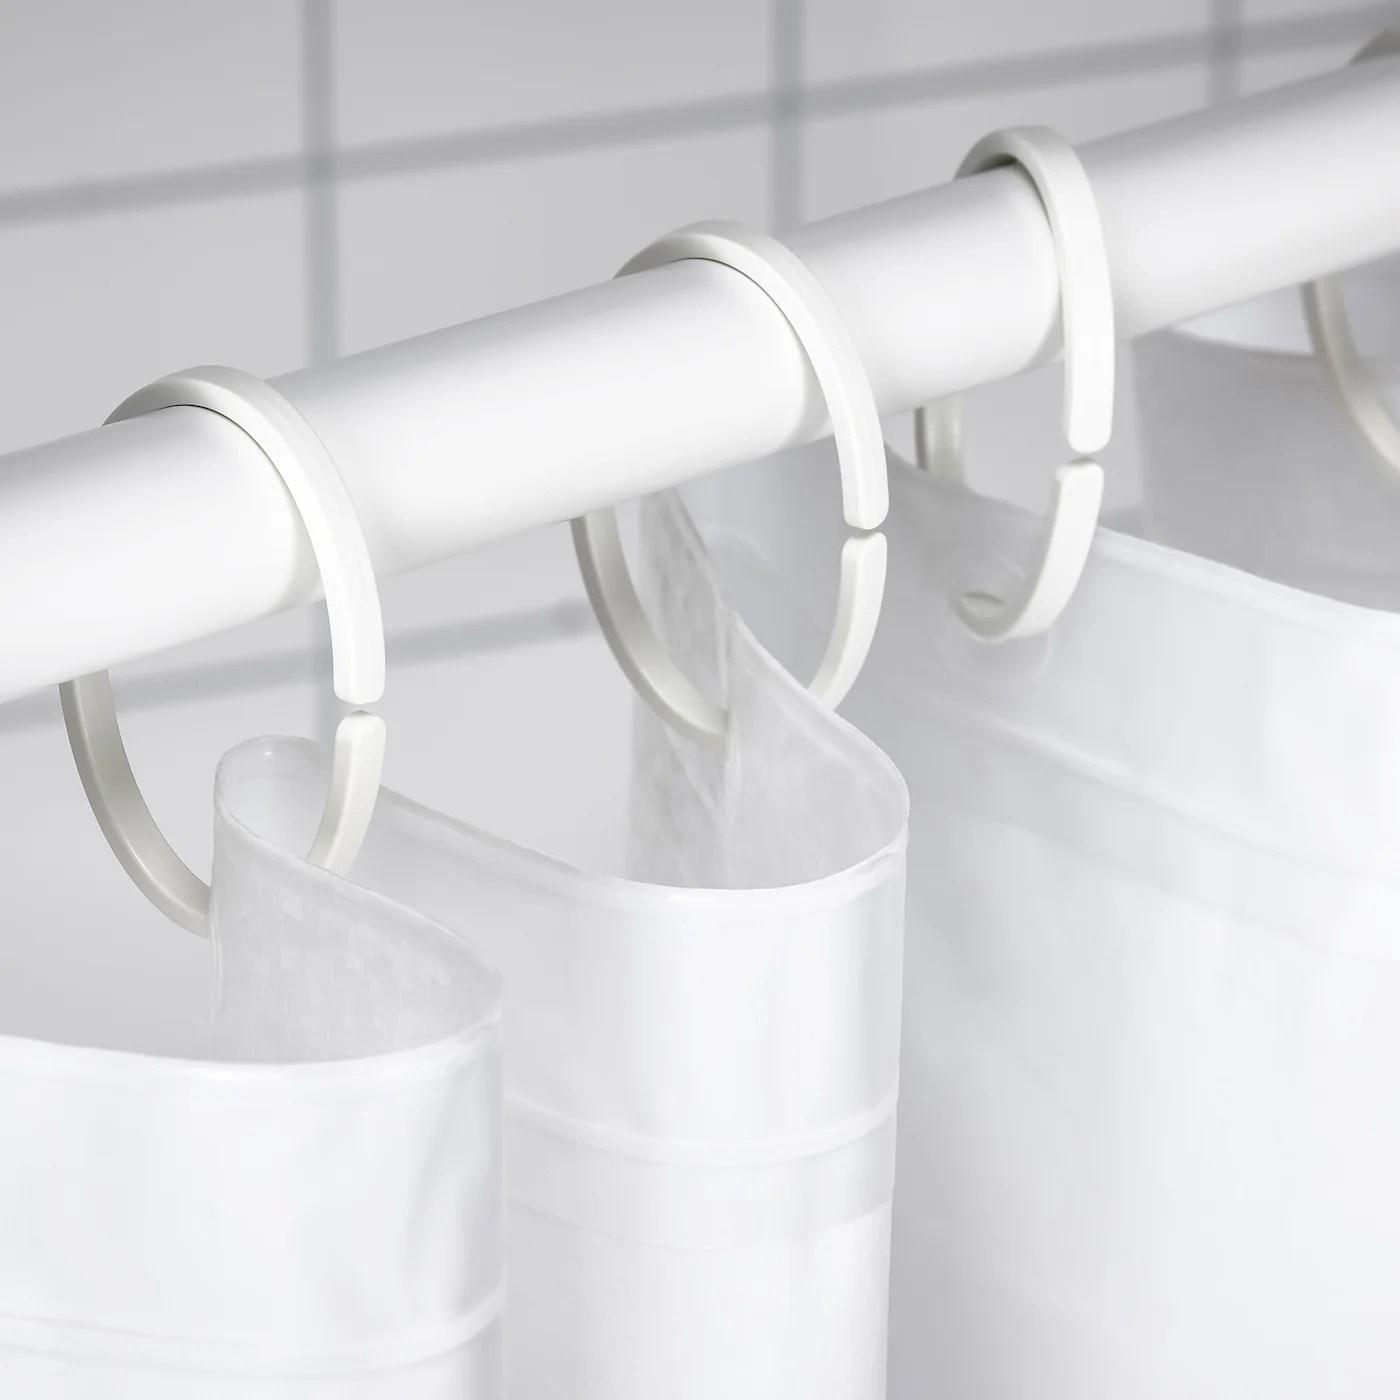 hassjon shower curtain ring white